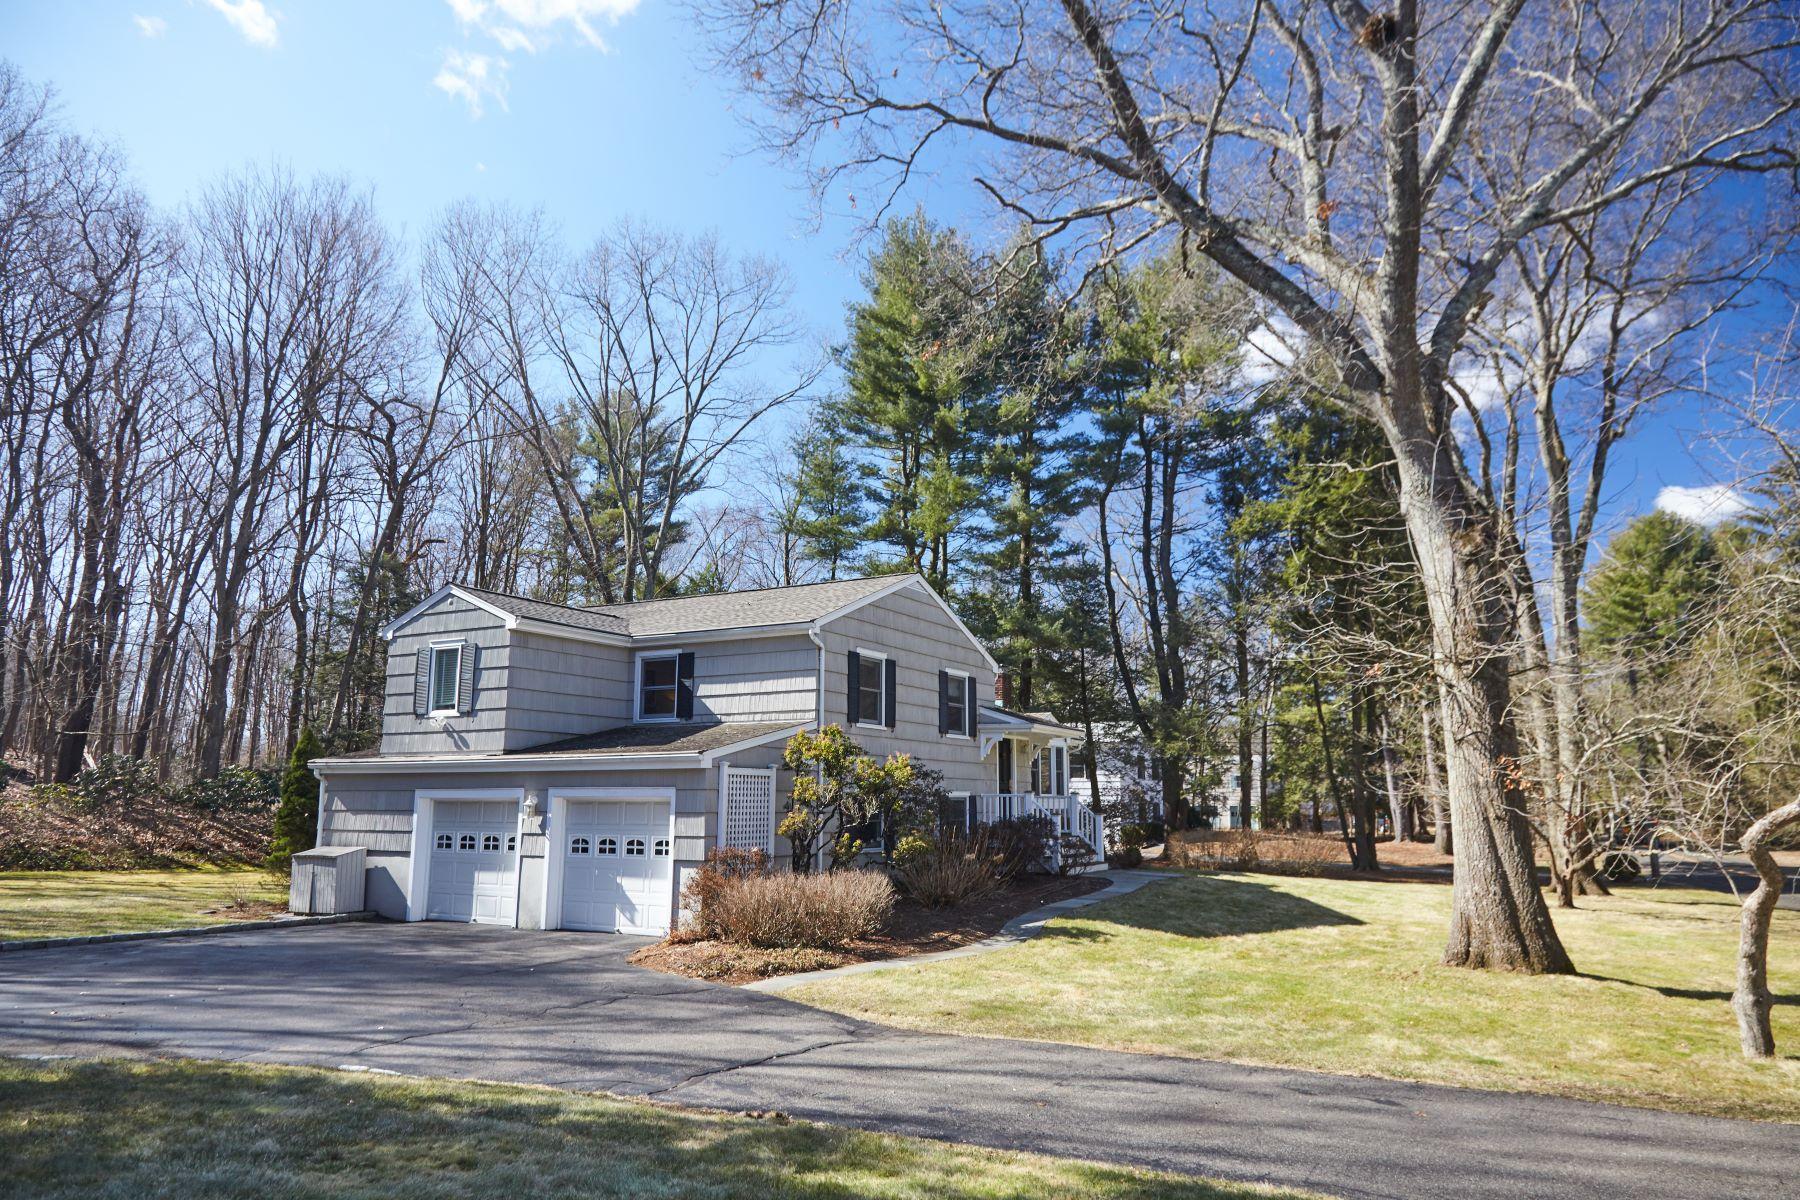 独户住宅 为 销售 在 Full Of Fresh Updates 14 Warnock Drive, 韦斯特波特, 康涅狄格州, 06880 美国